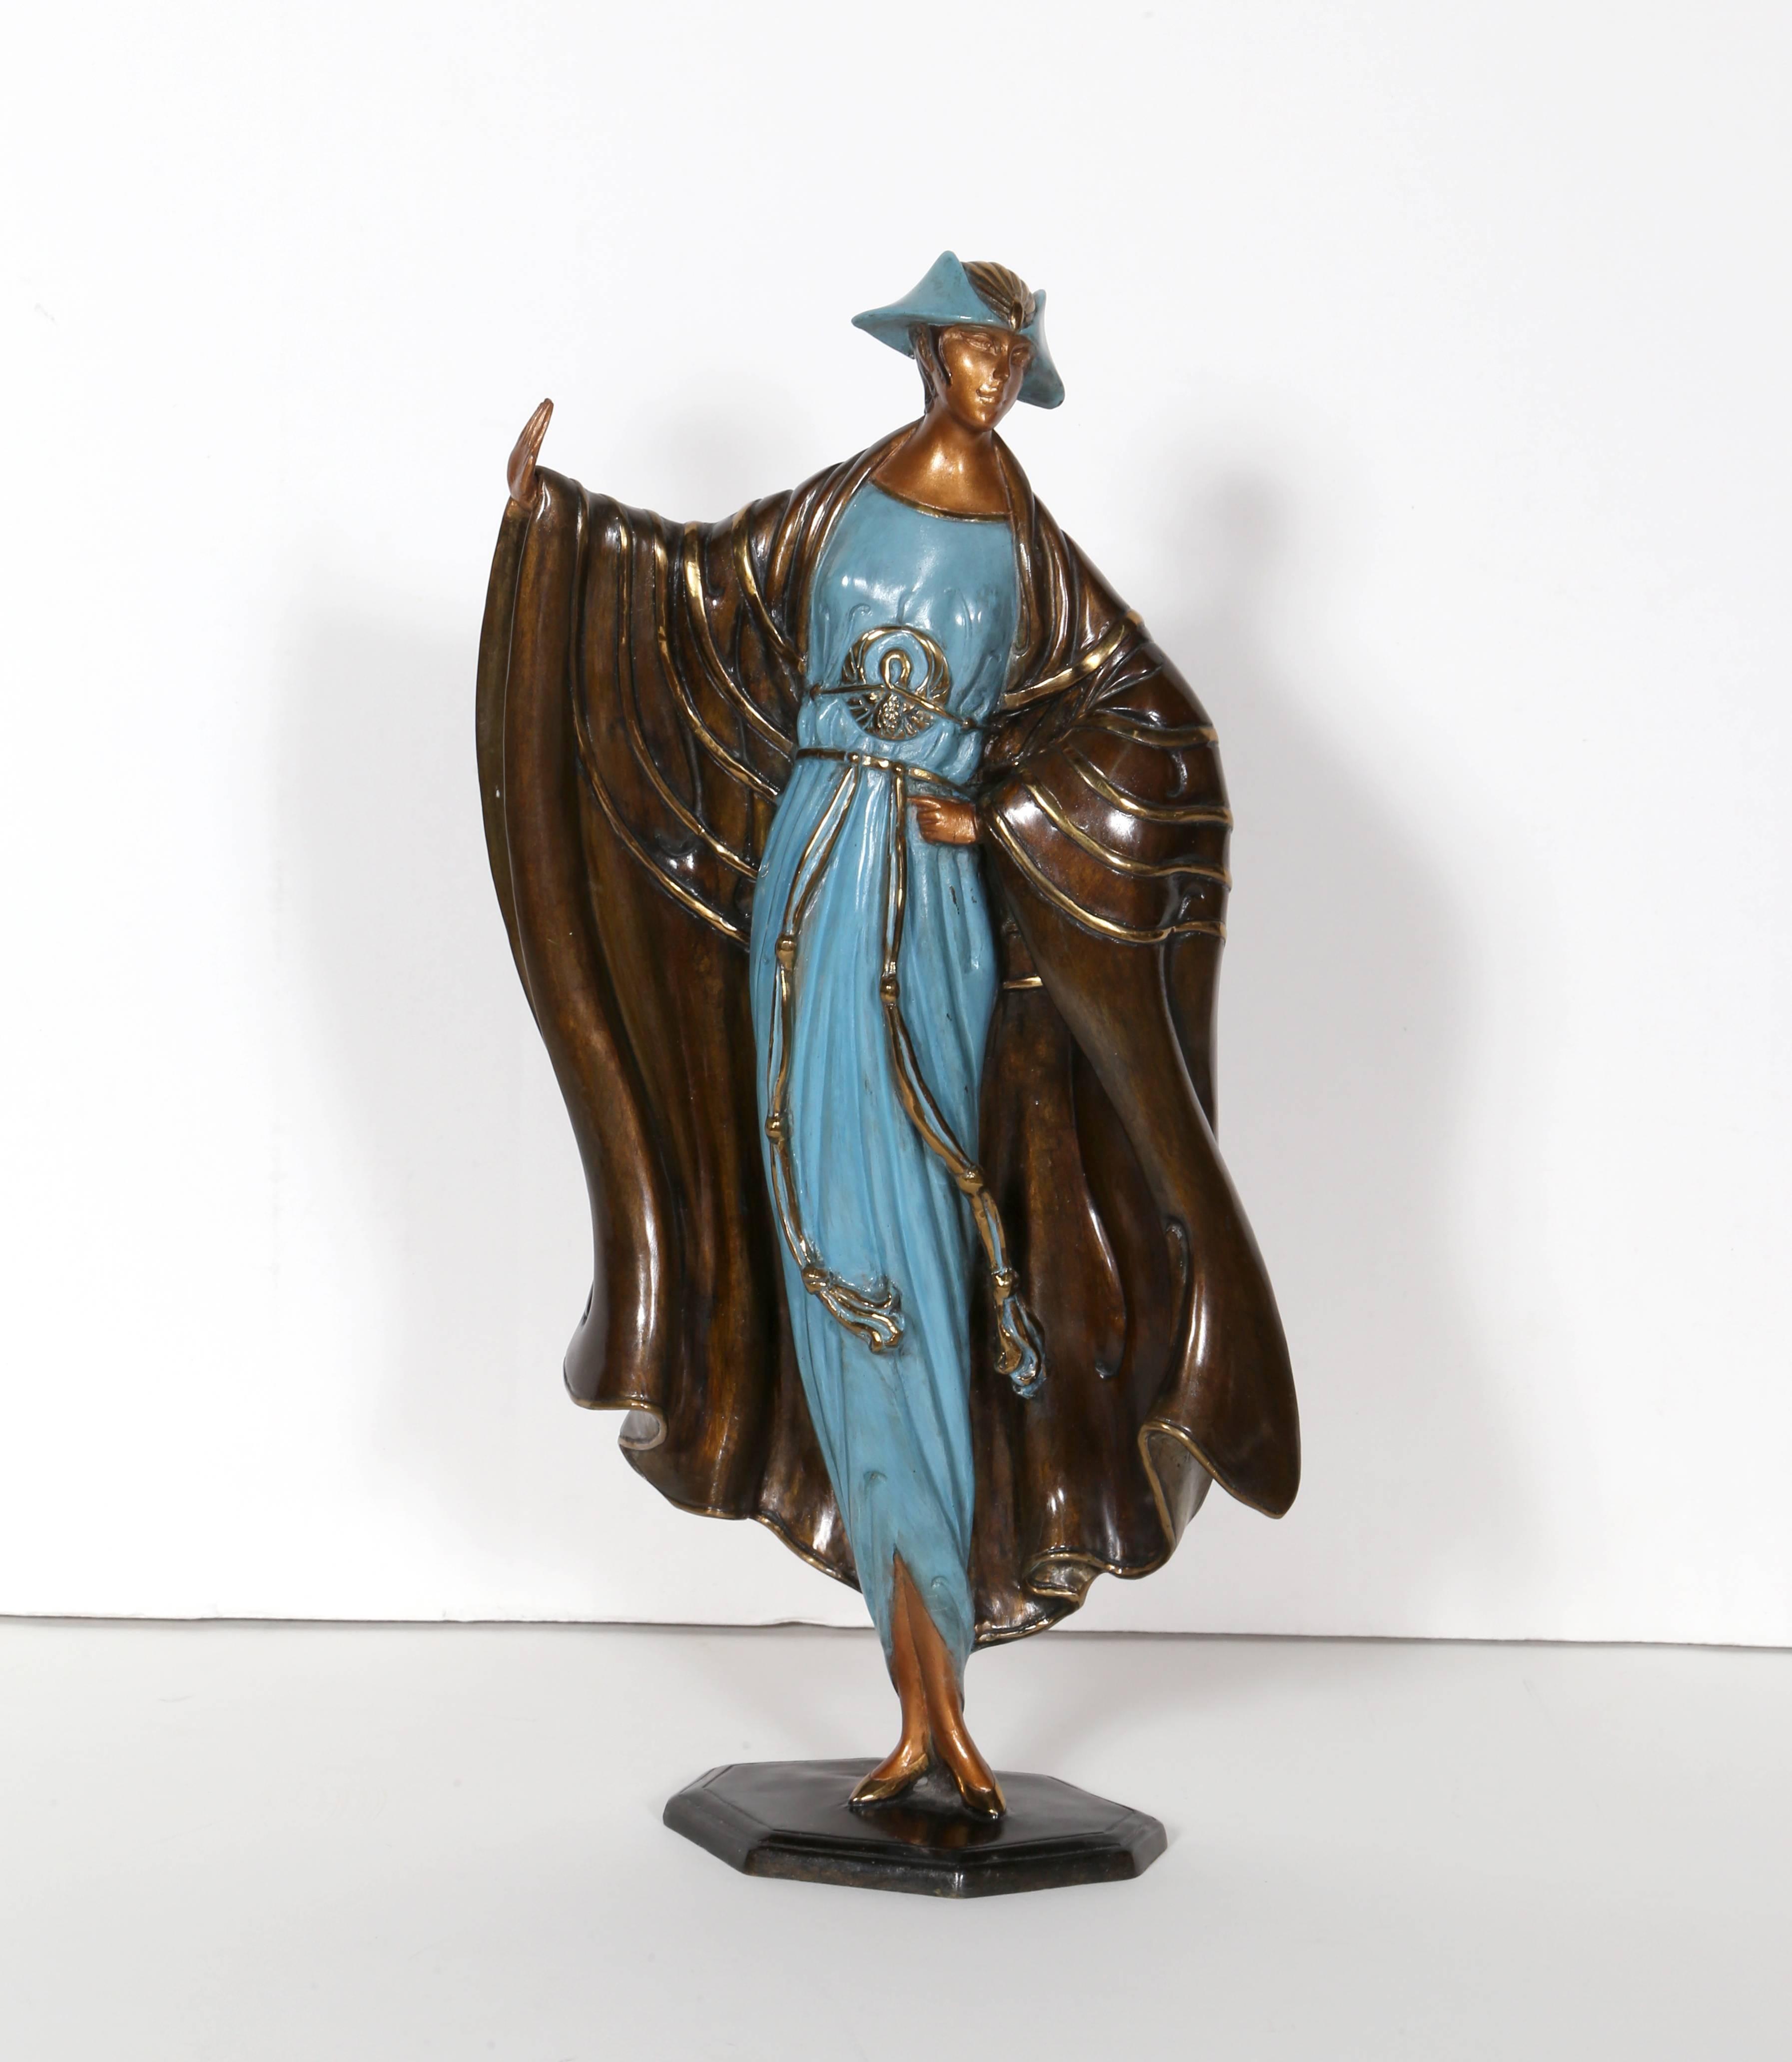 Rue De La Deco erté - rue de la paix, bronze art deco sculptureerte at